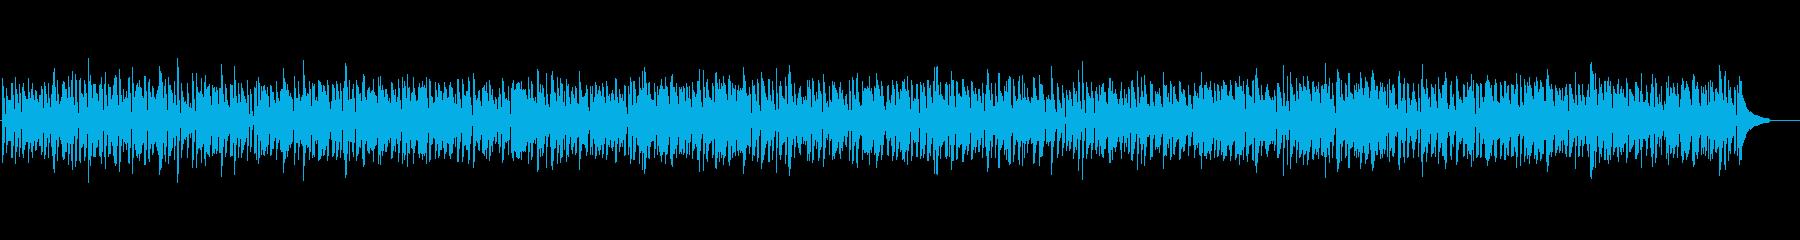 爽やかナイロンギタージャズボサノバ疾走感の再生済みの波形